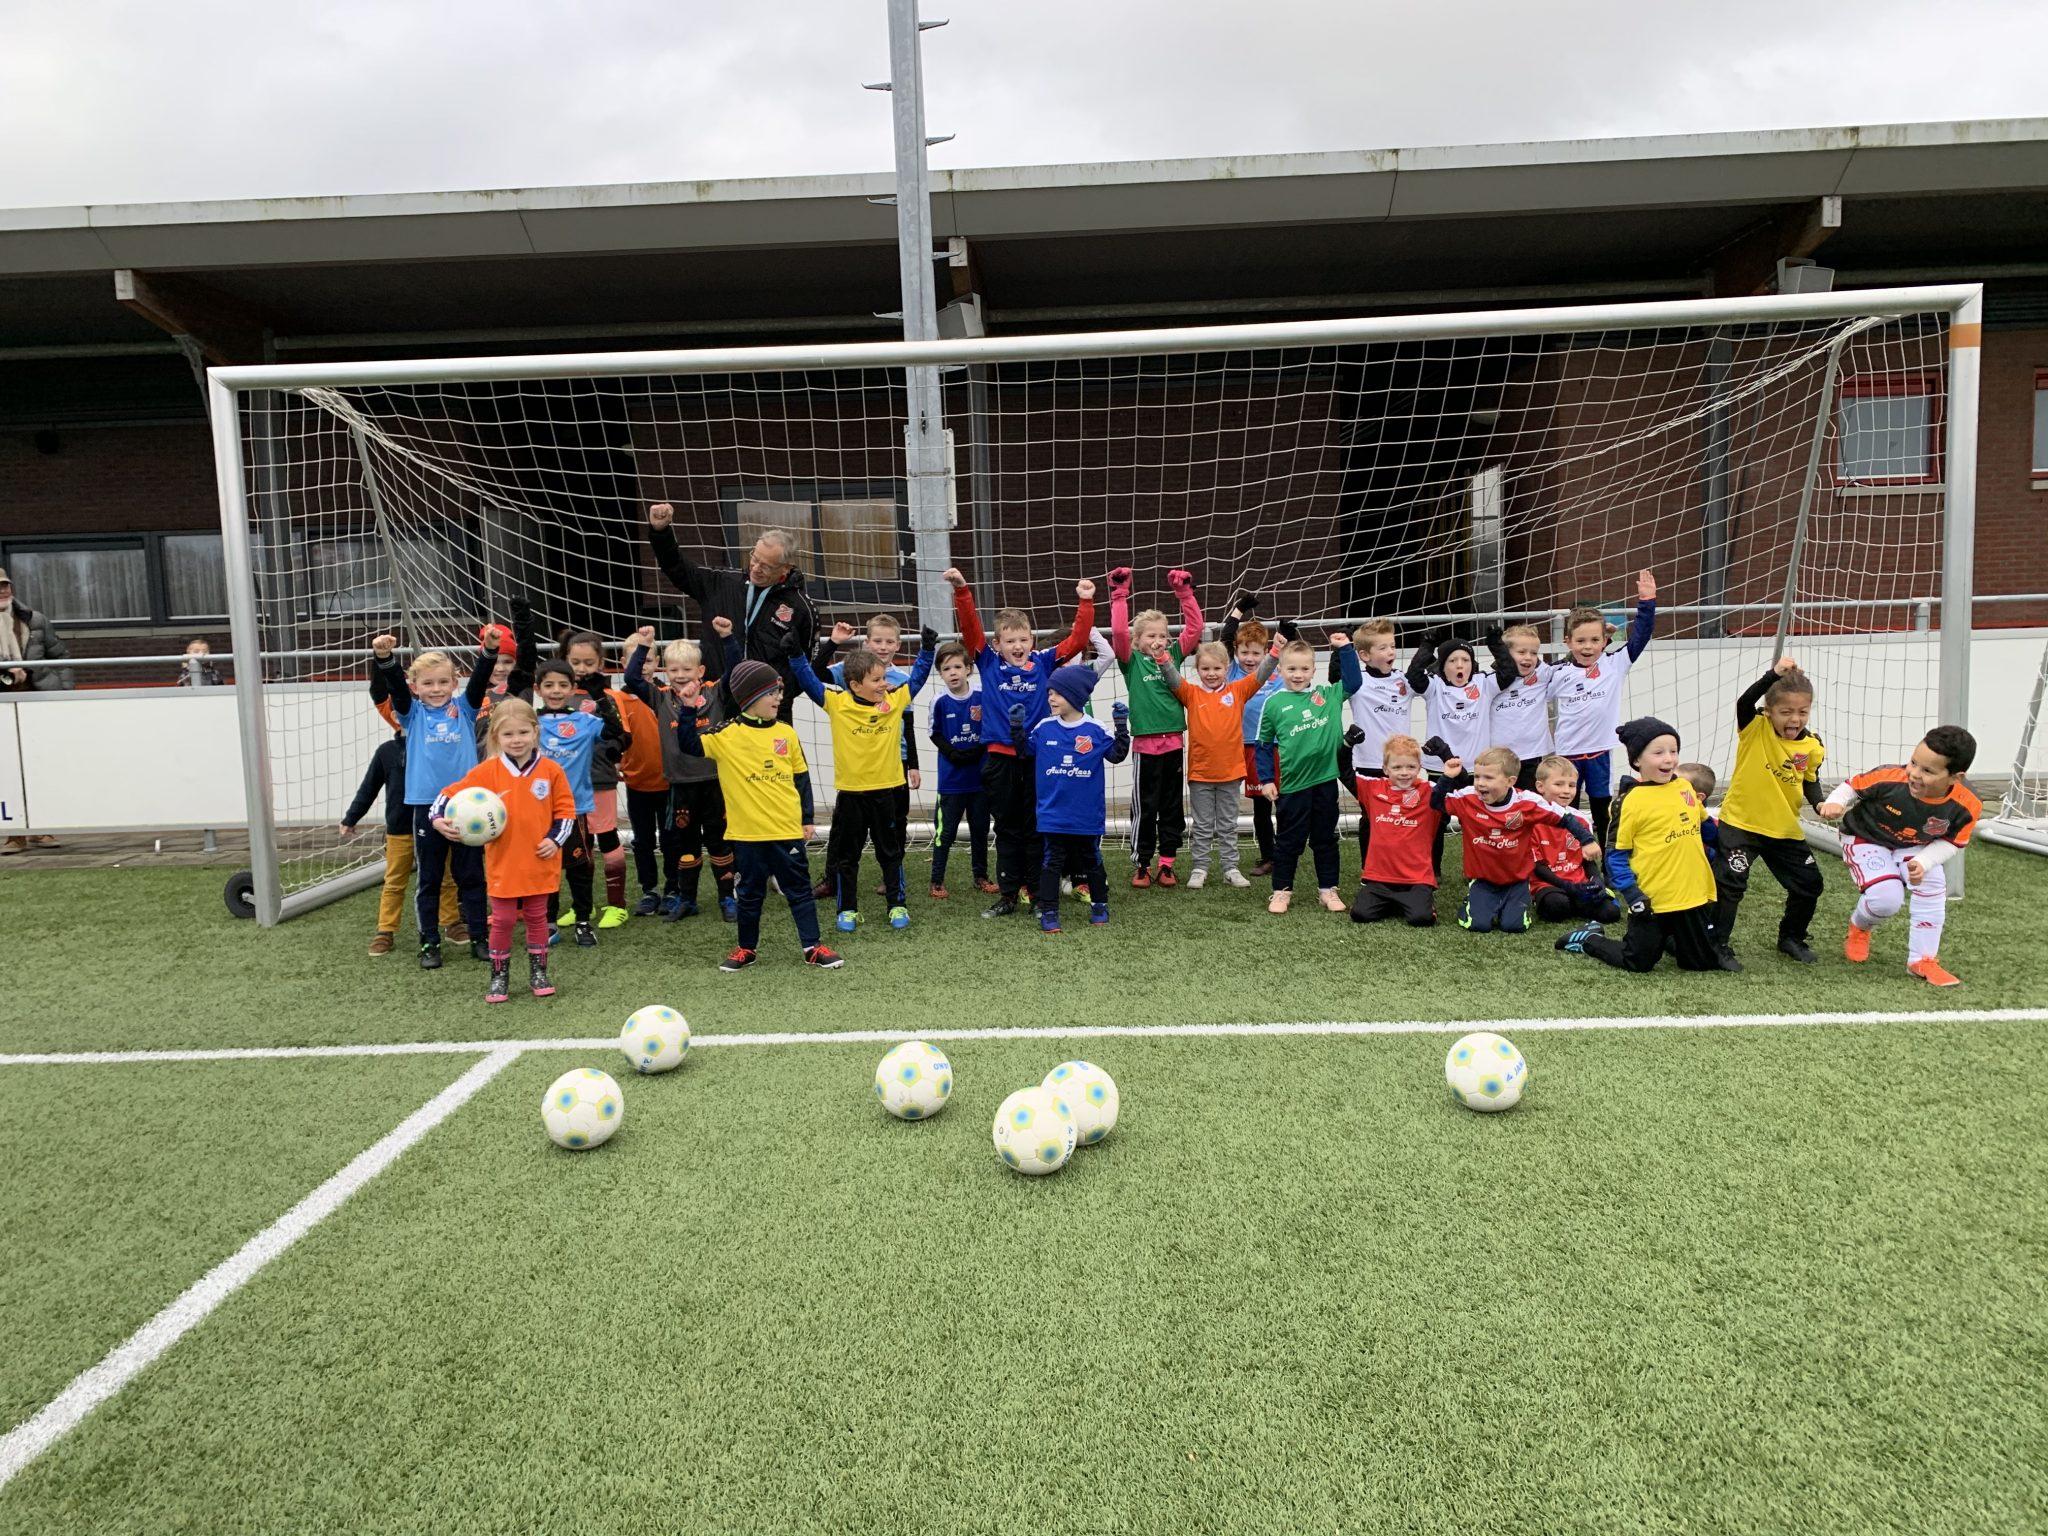 Aanmelden VoetbalClinic 5 mei (jongens/meisjes 5 tm 7 jaar)